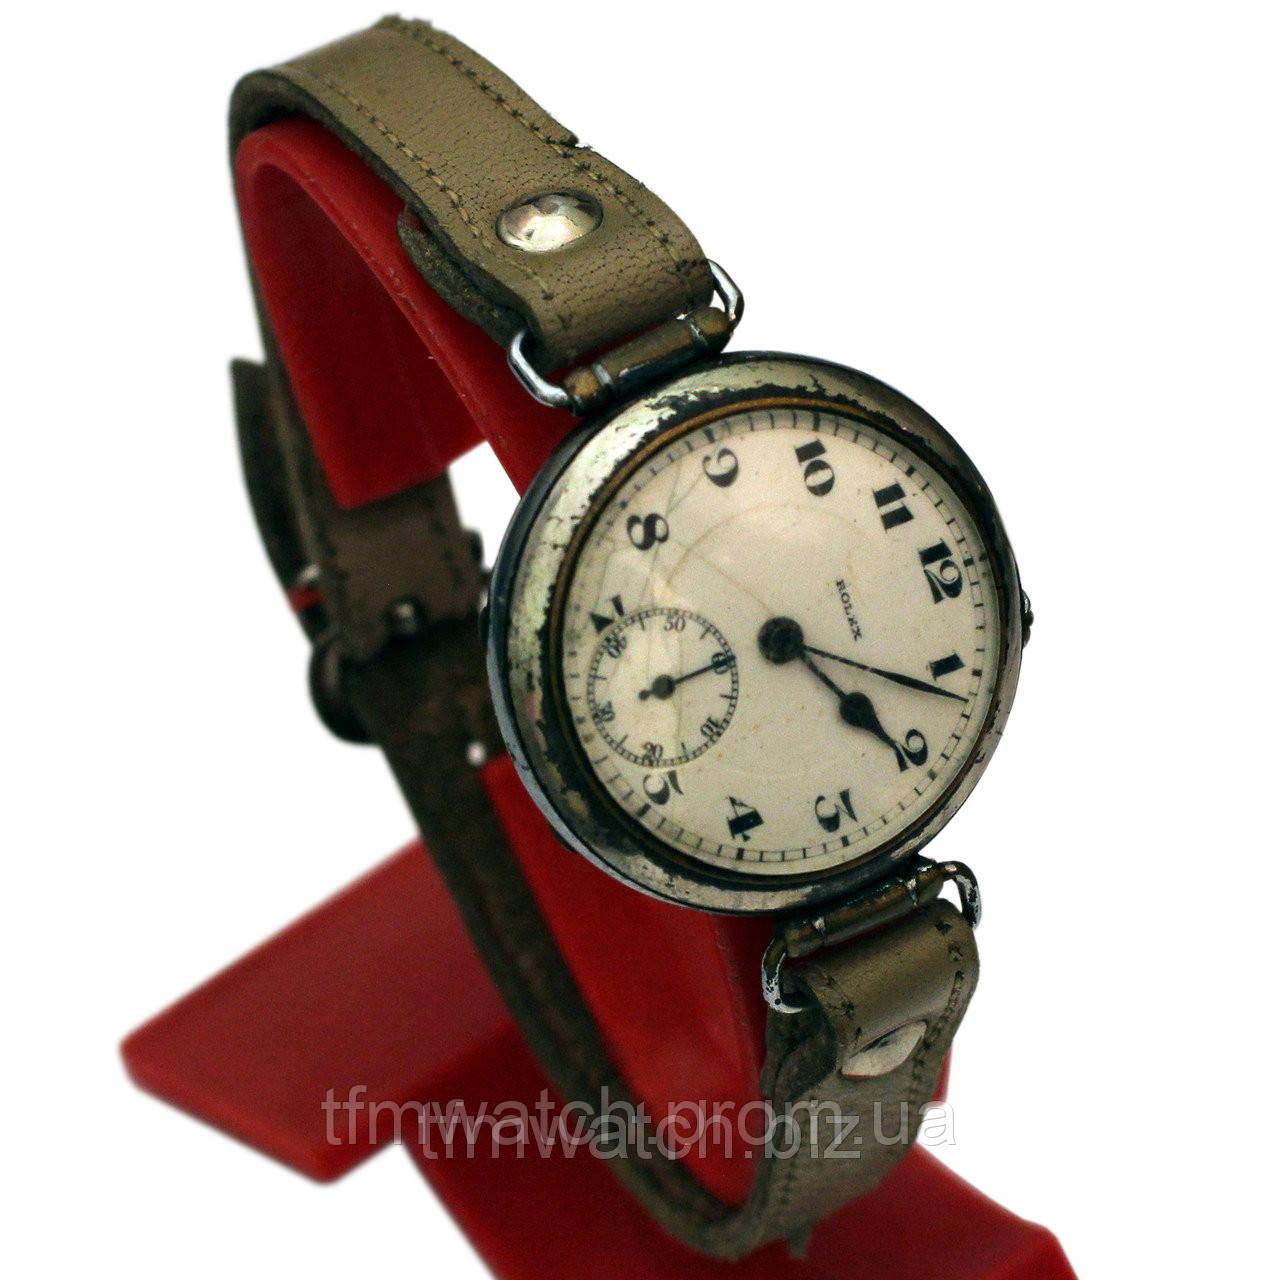 Часы на запчасти продать старые 2016 стоимость киловатт часа